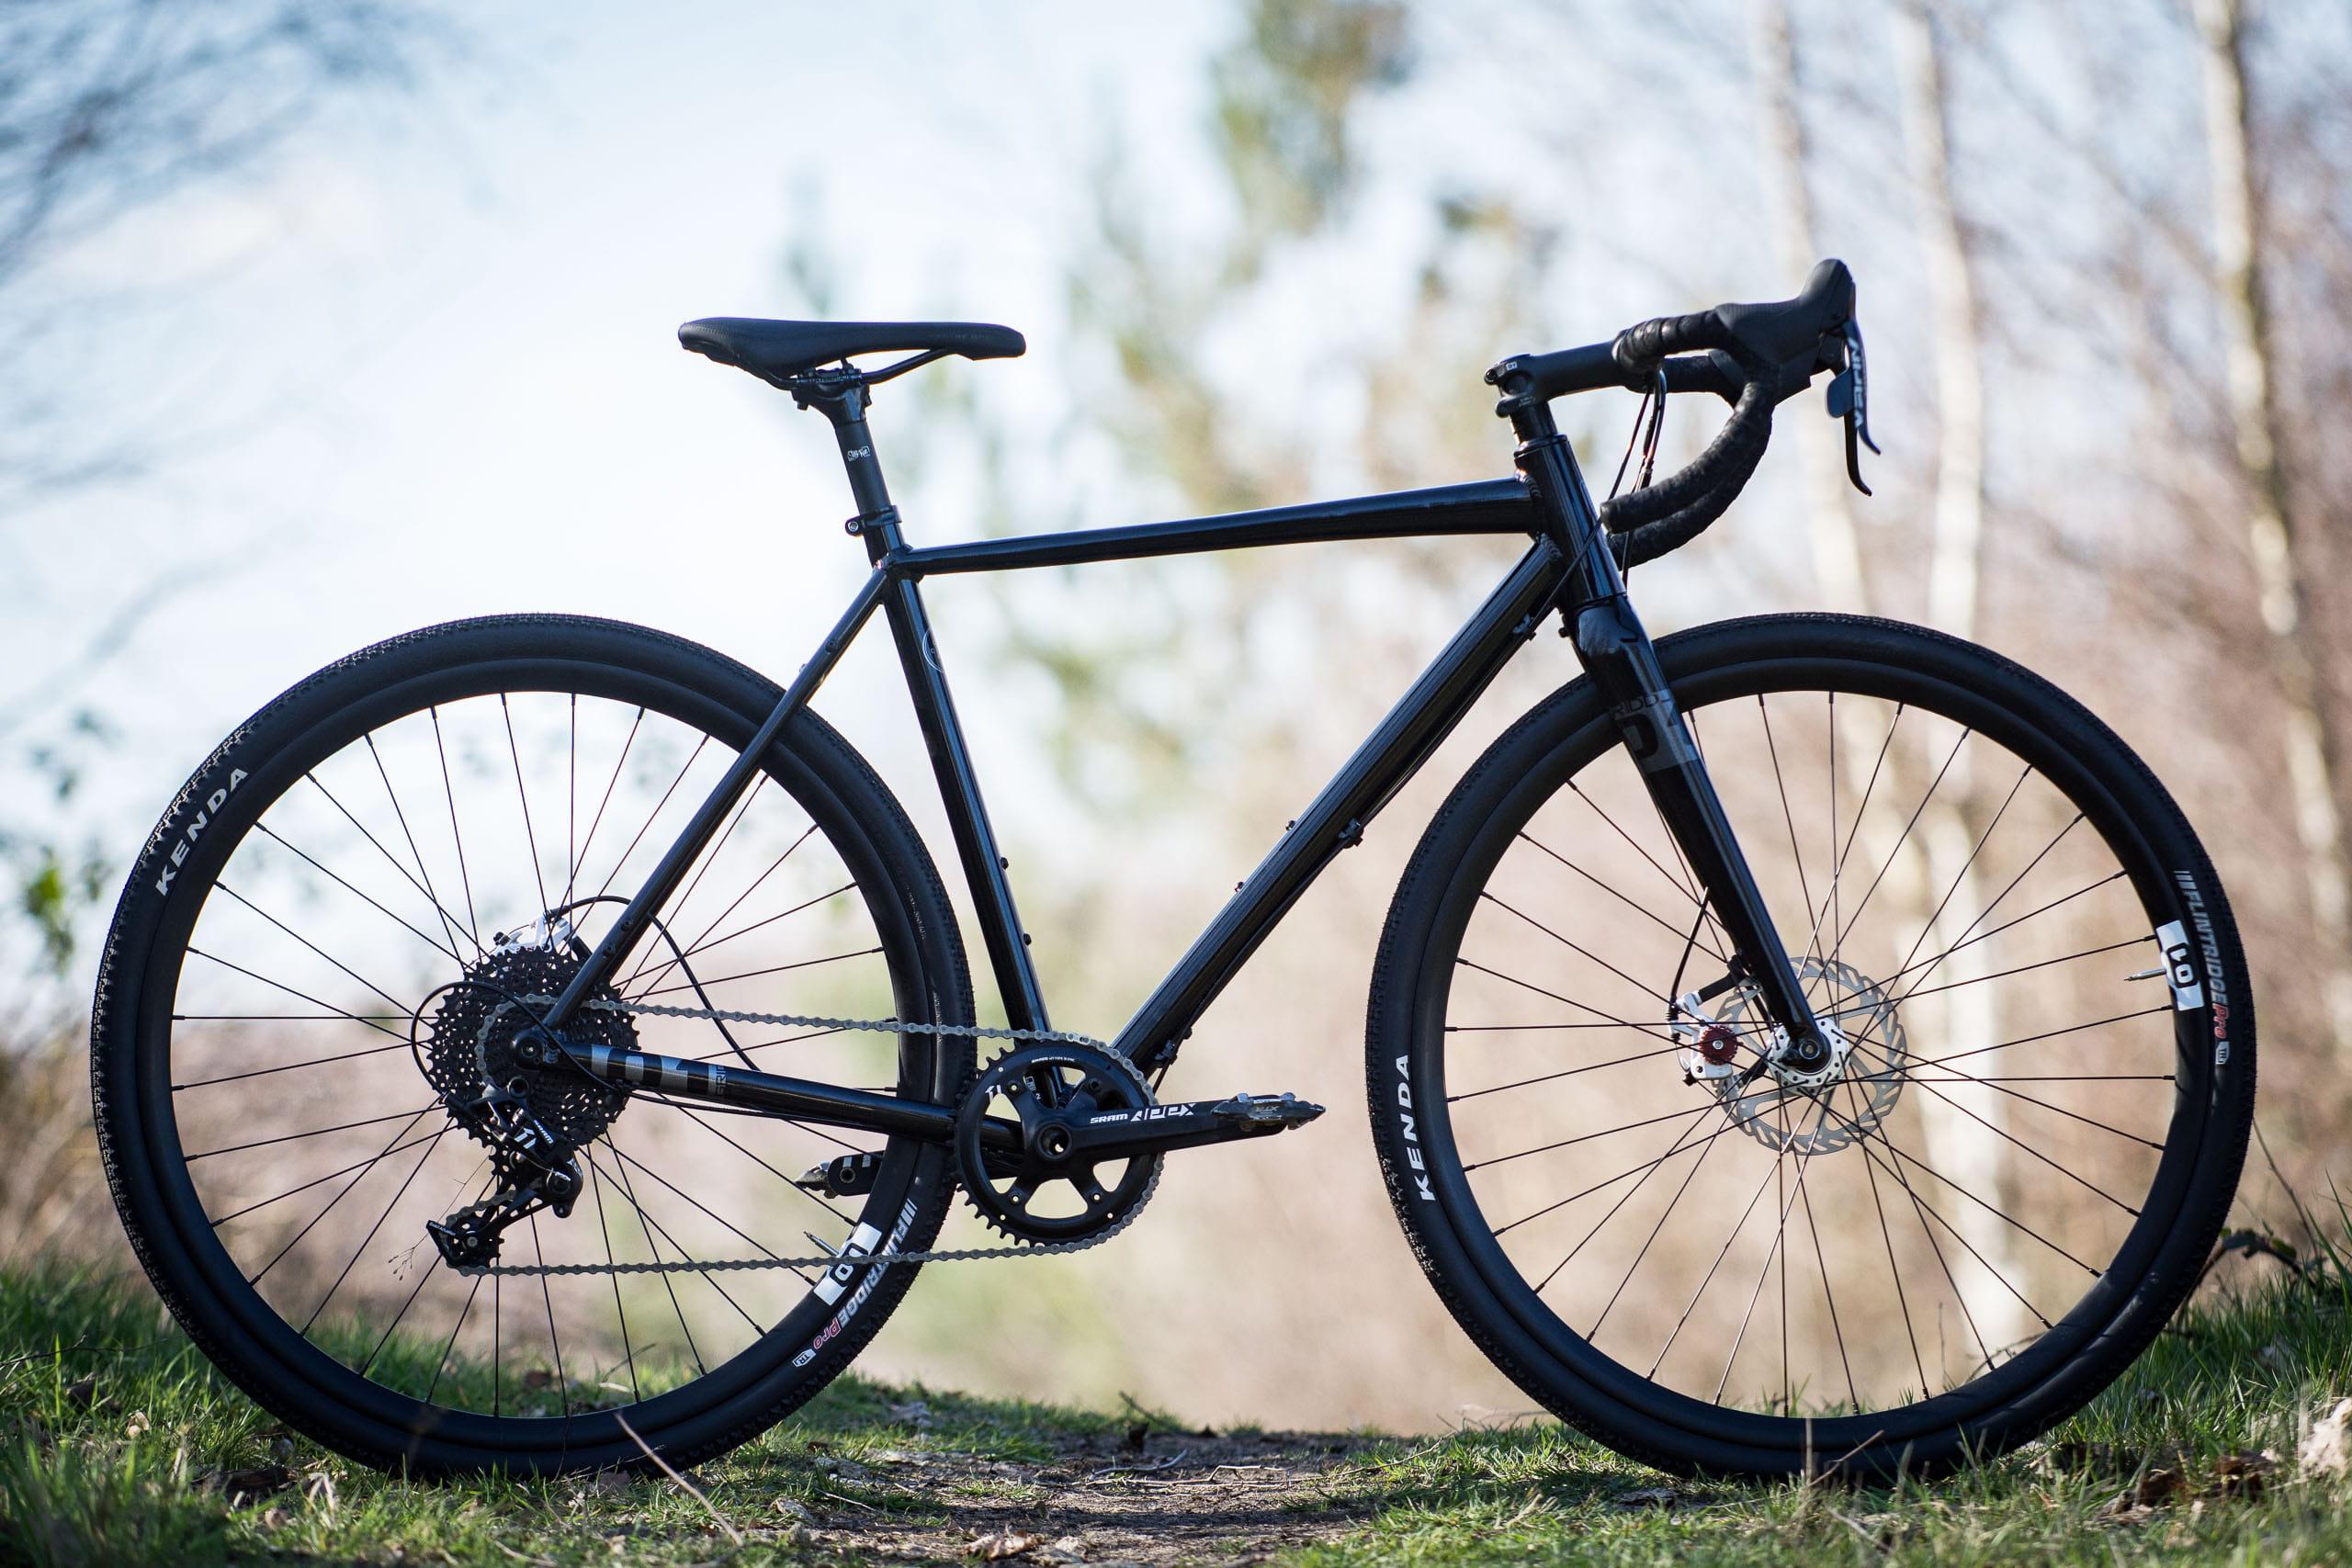 octane-one-gridd-gravel-bike-1